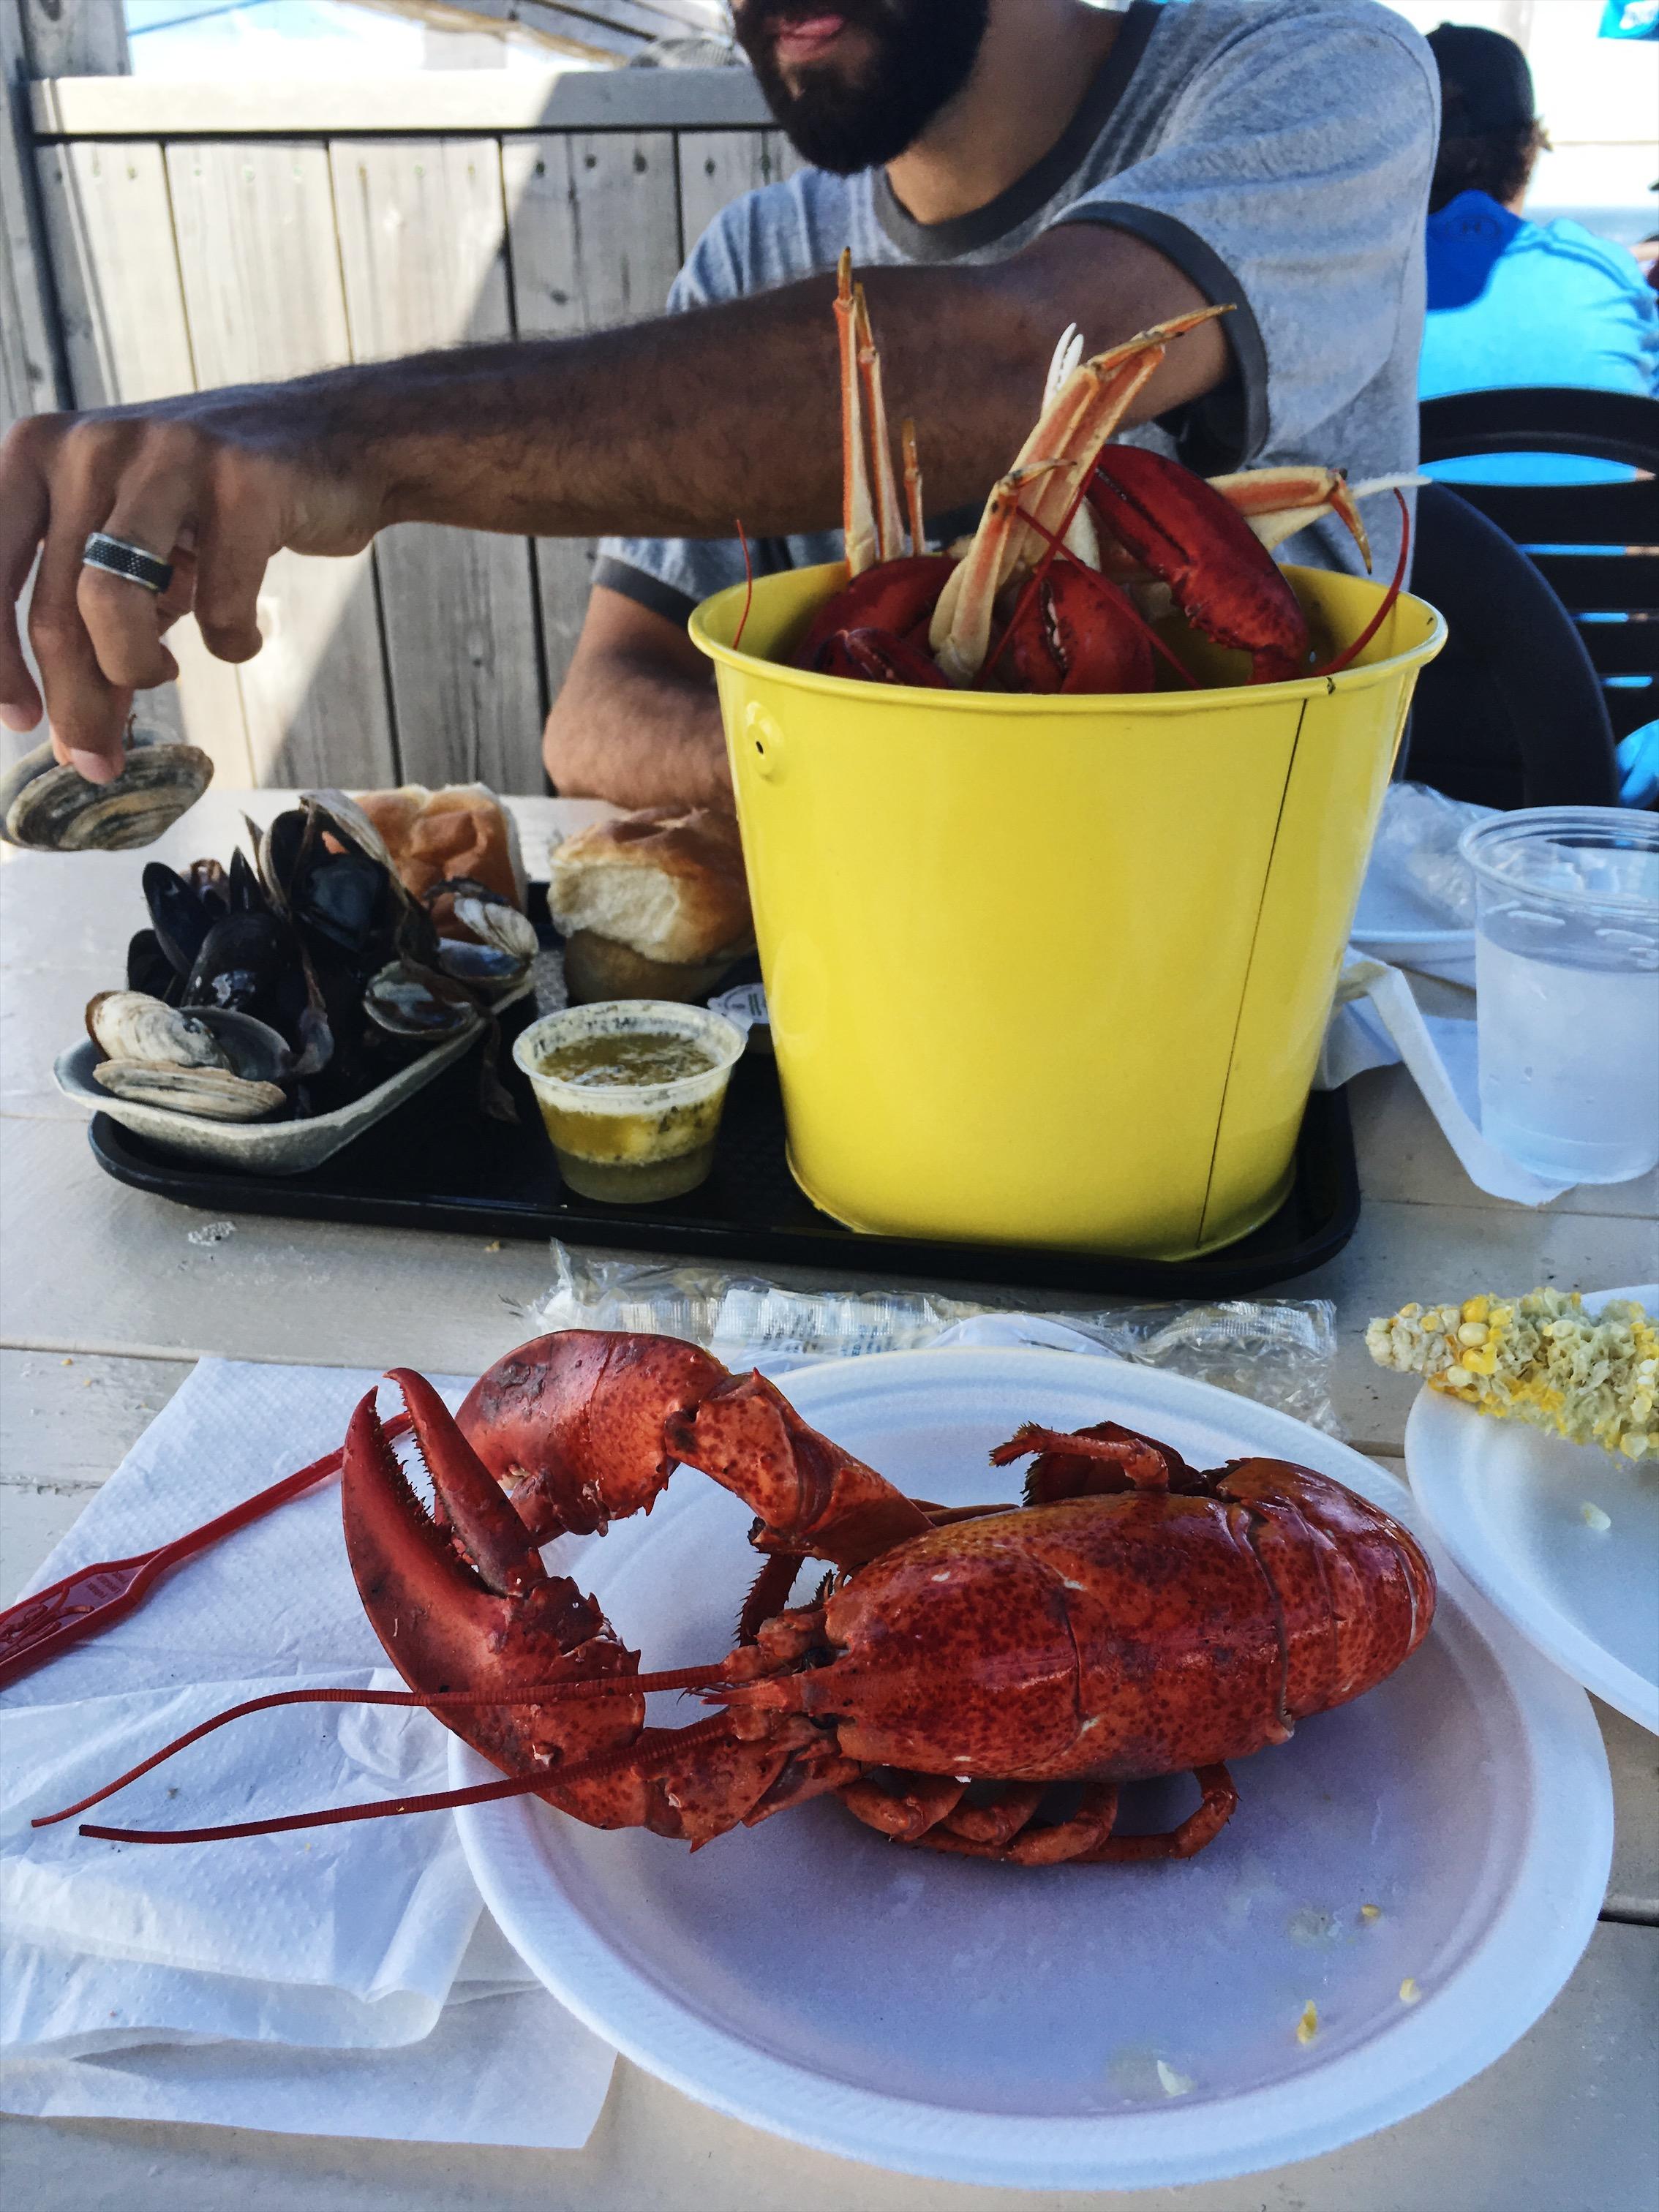 quai-aboiteau-shellfish-bucket-new-brunswick-2